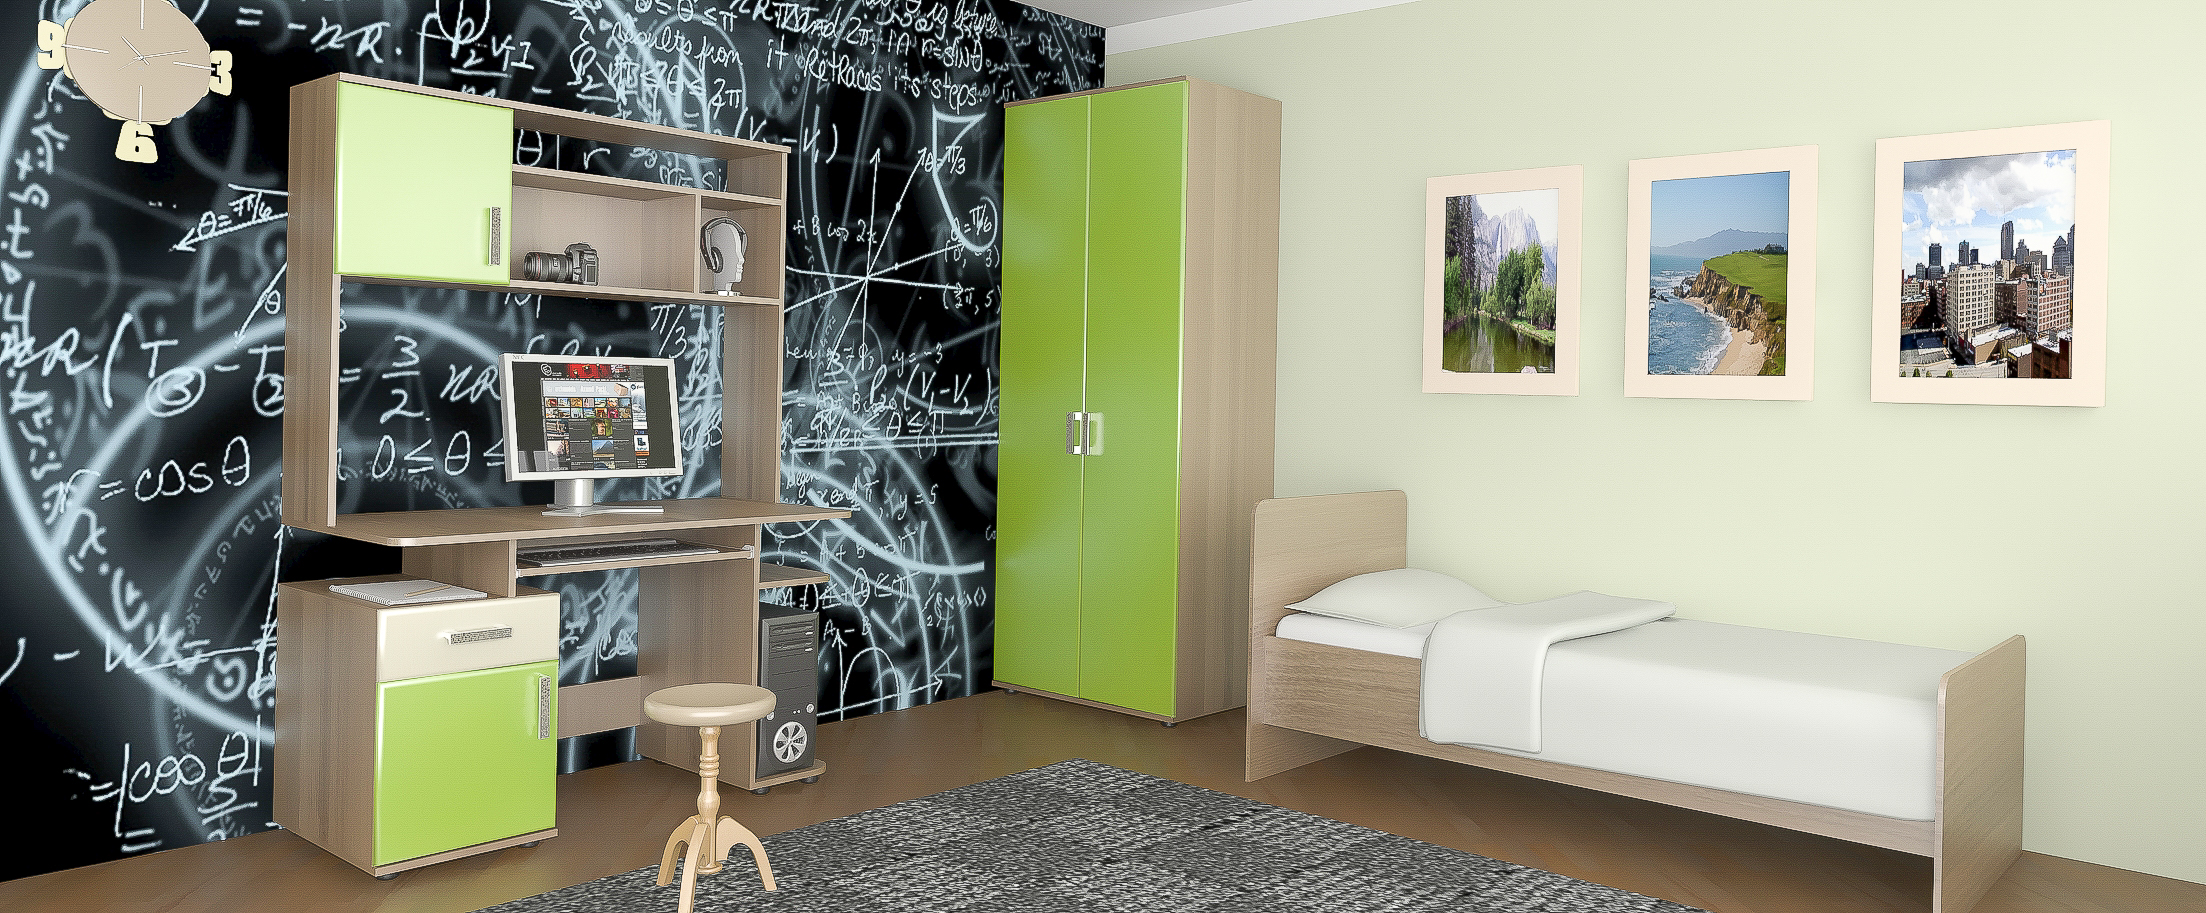 Детская цвета олива Дебют-2 Модель 511Купить набор уютной и комфортной детской мебели в интернет магазине MOON TRADE. Спальное место 90х200 см. Быстрая доставка, вынос упаковки, гарантия! Выгодная покупка!<br>